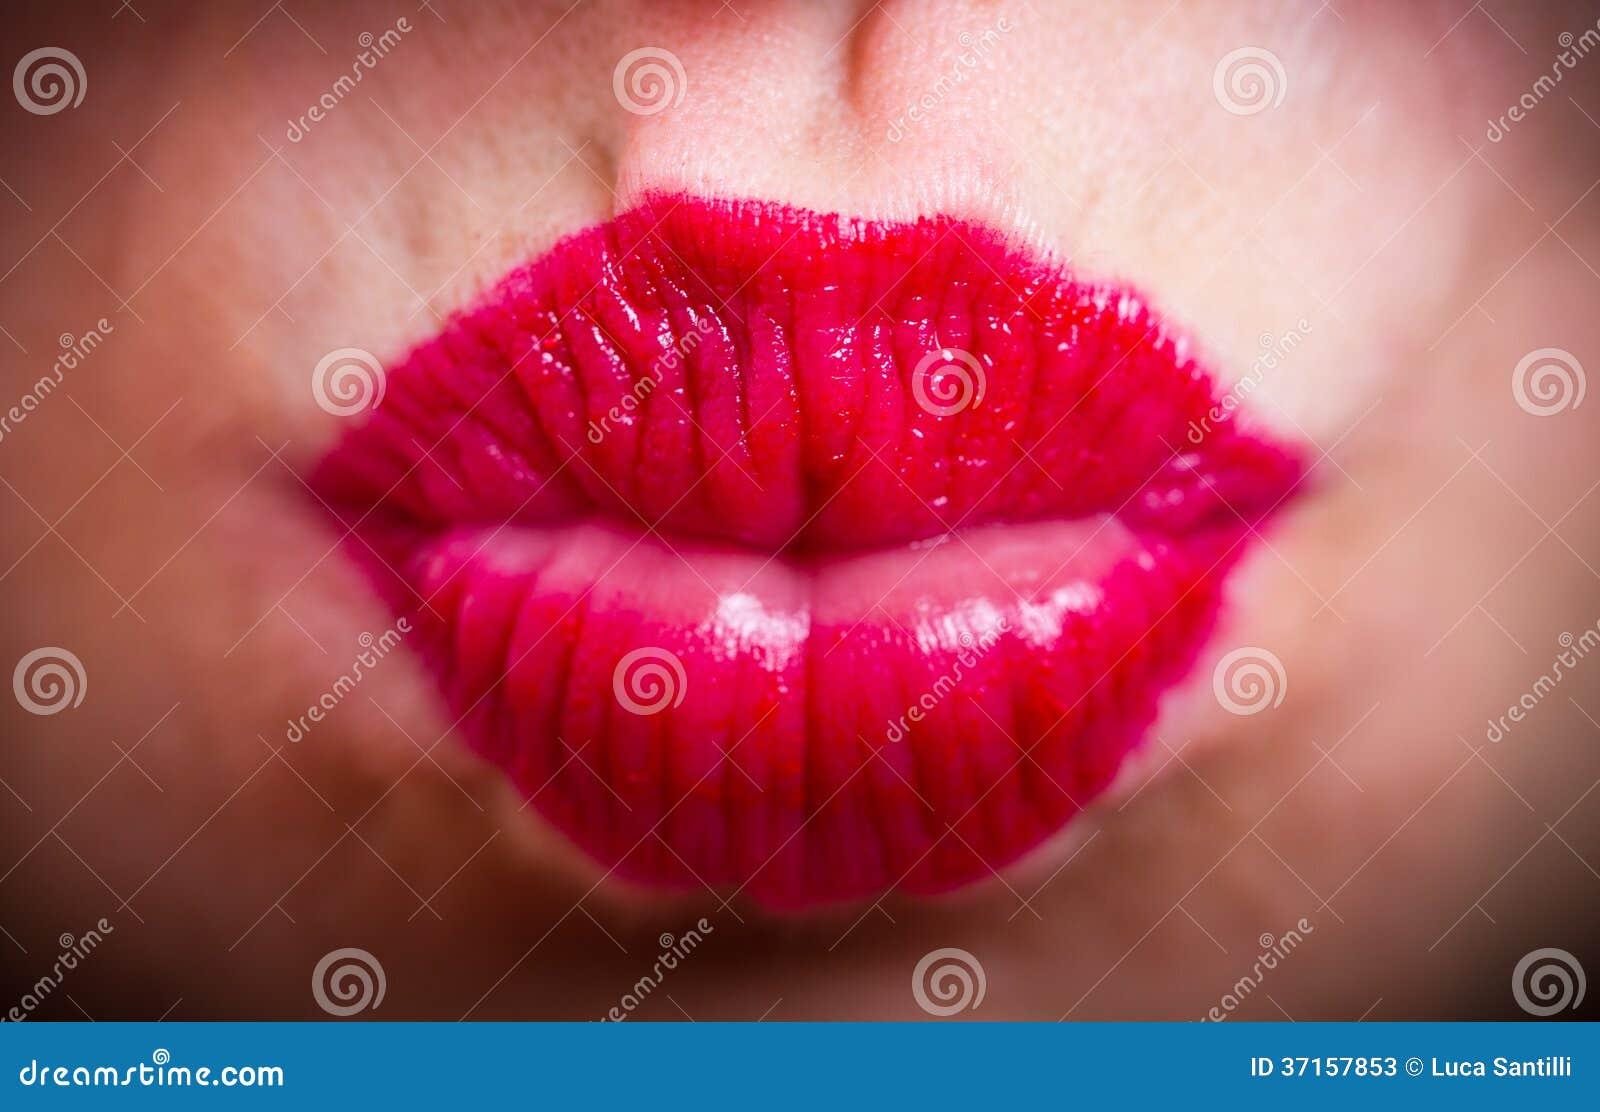 Секс только губами, Большие половые губы - лучшее порно видео на 22 фотография